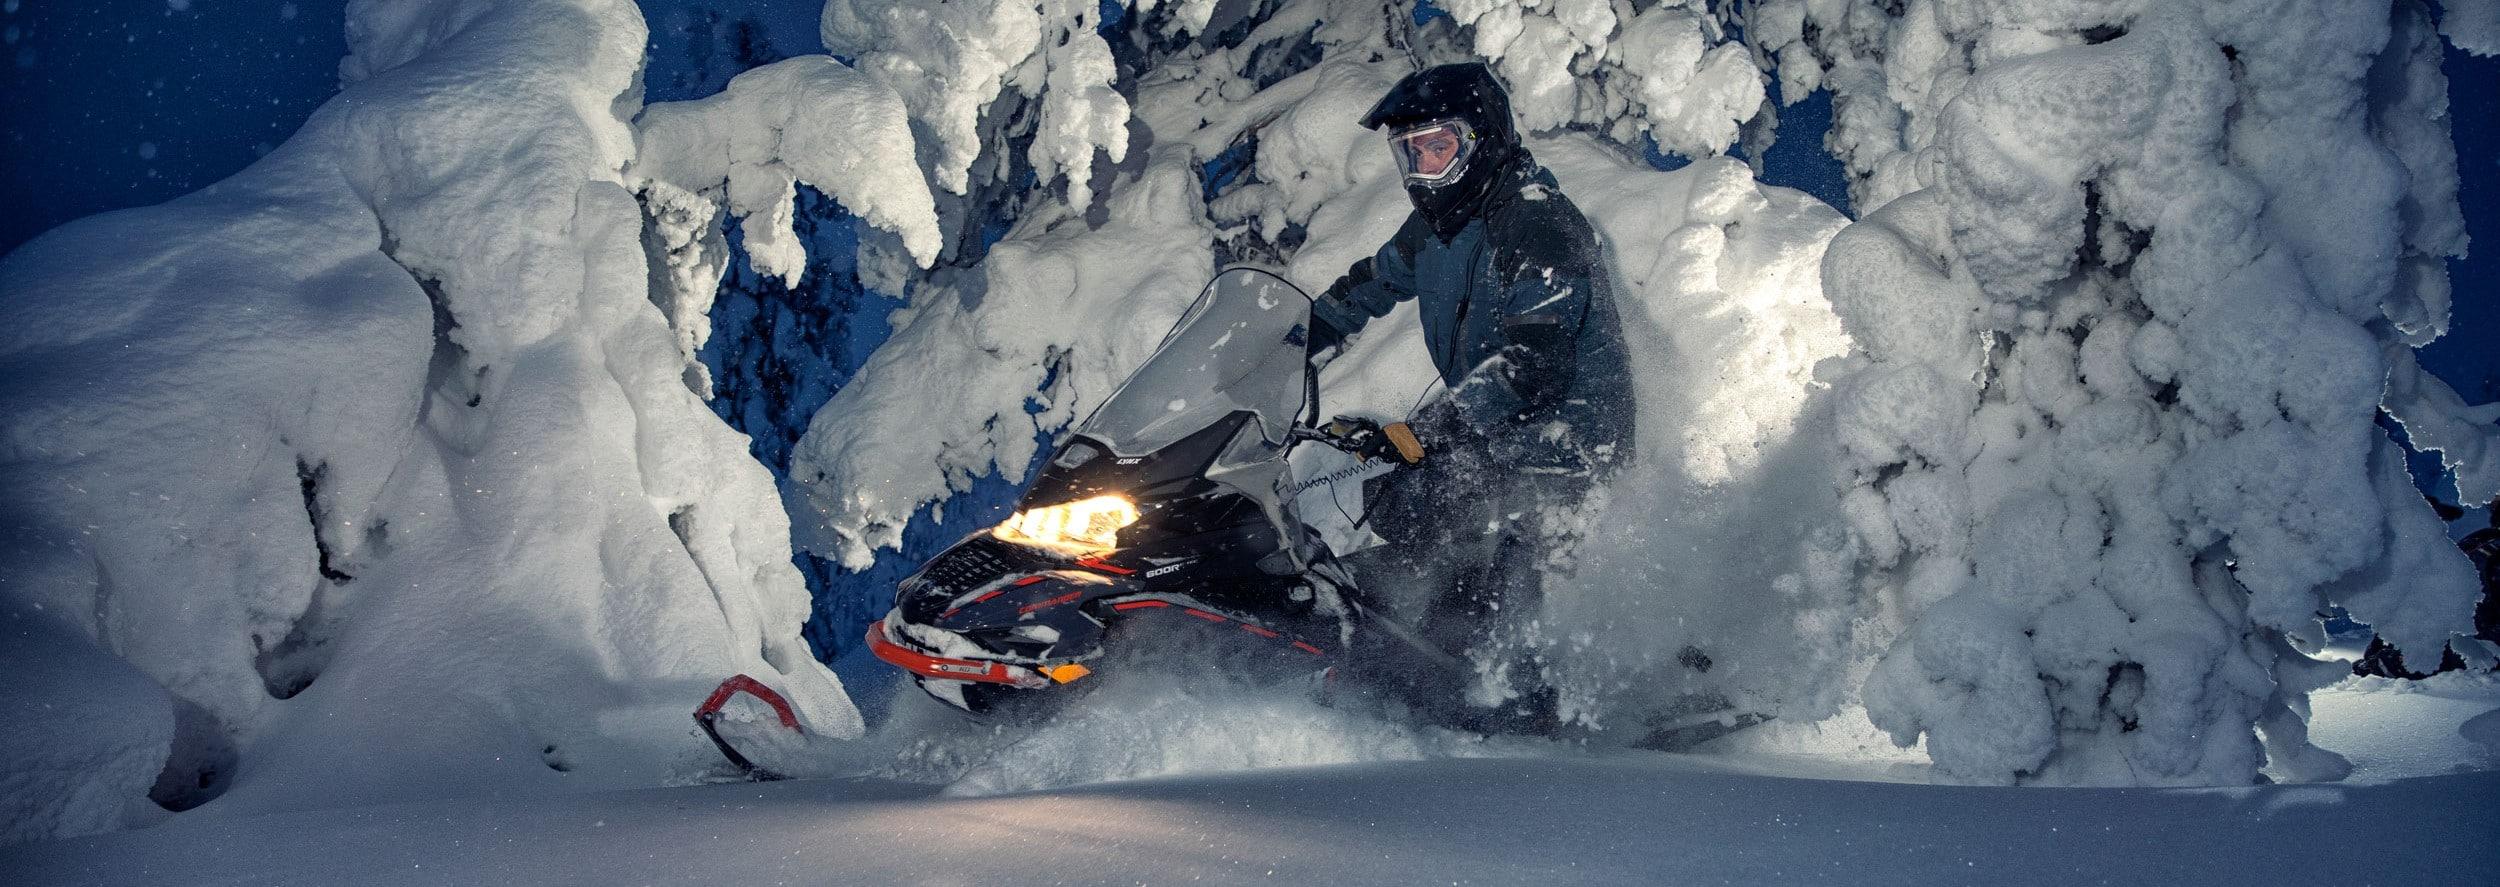 Сравнение 900 снегоходов Ski-Doo Expedition и Lynx Commander